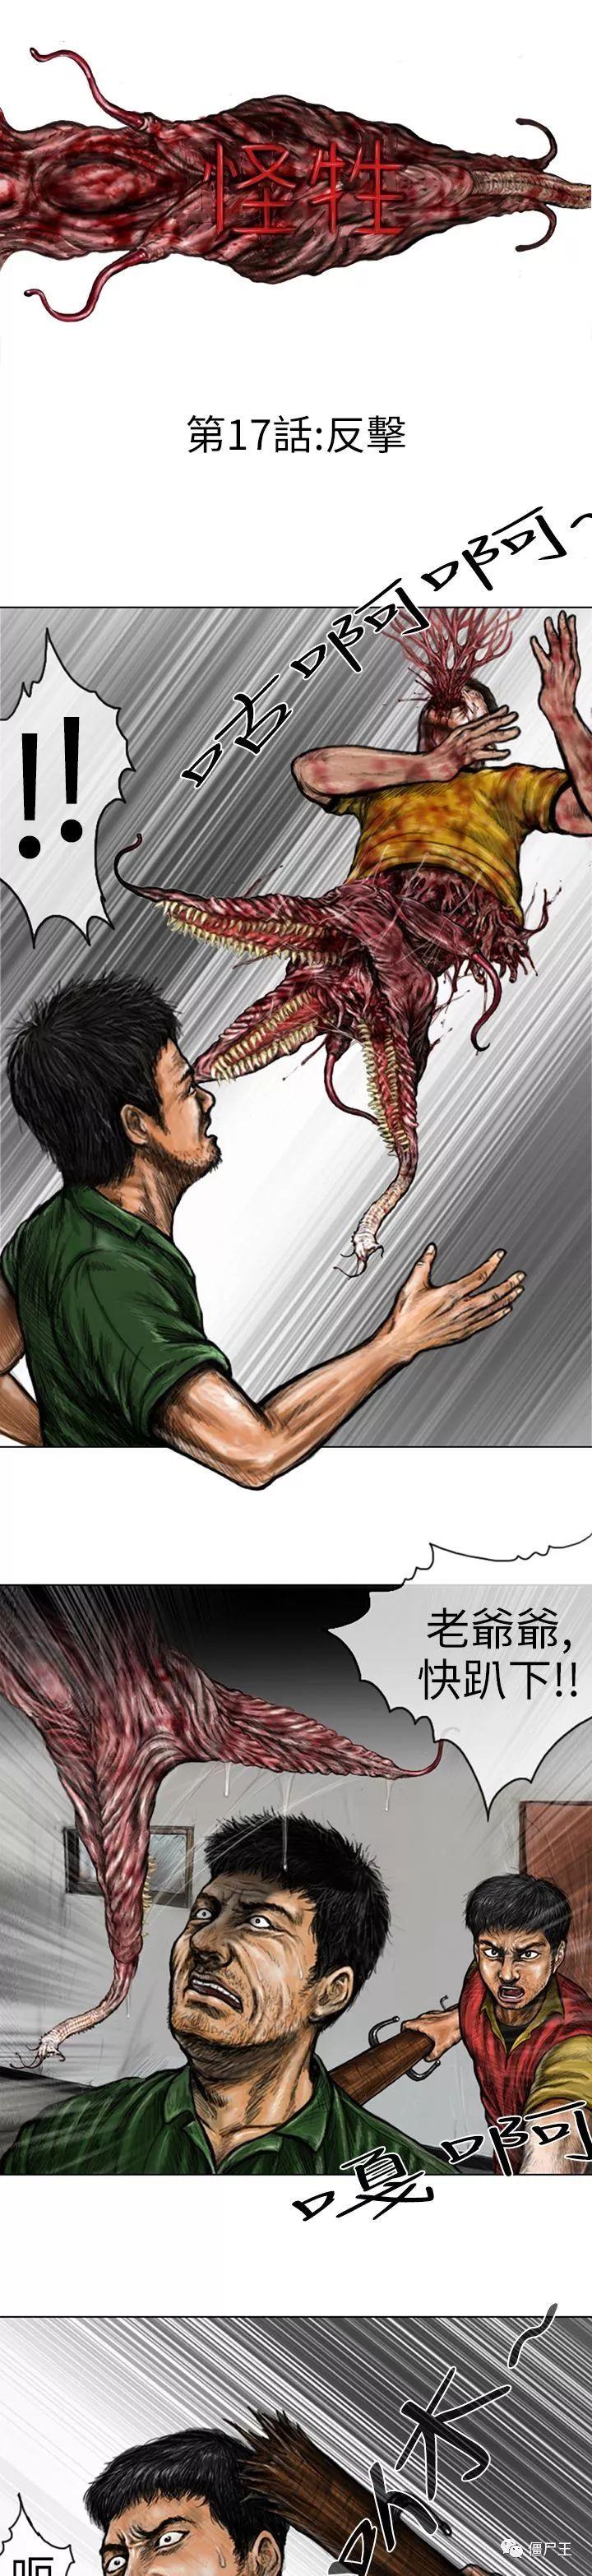 恐怖漫画:《怪牲》17至20话-僵尸王